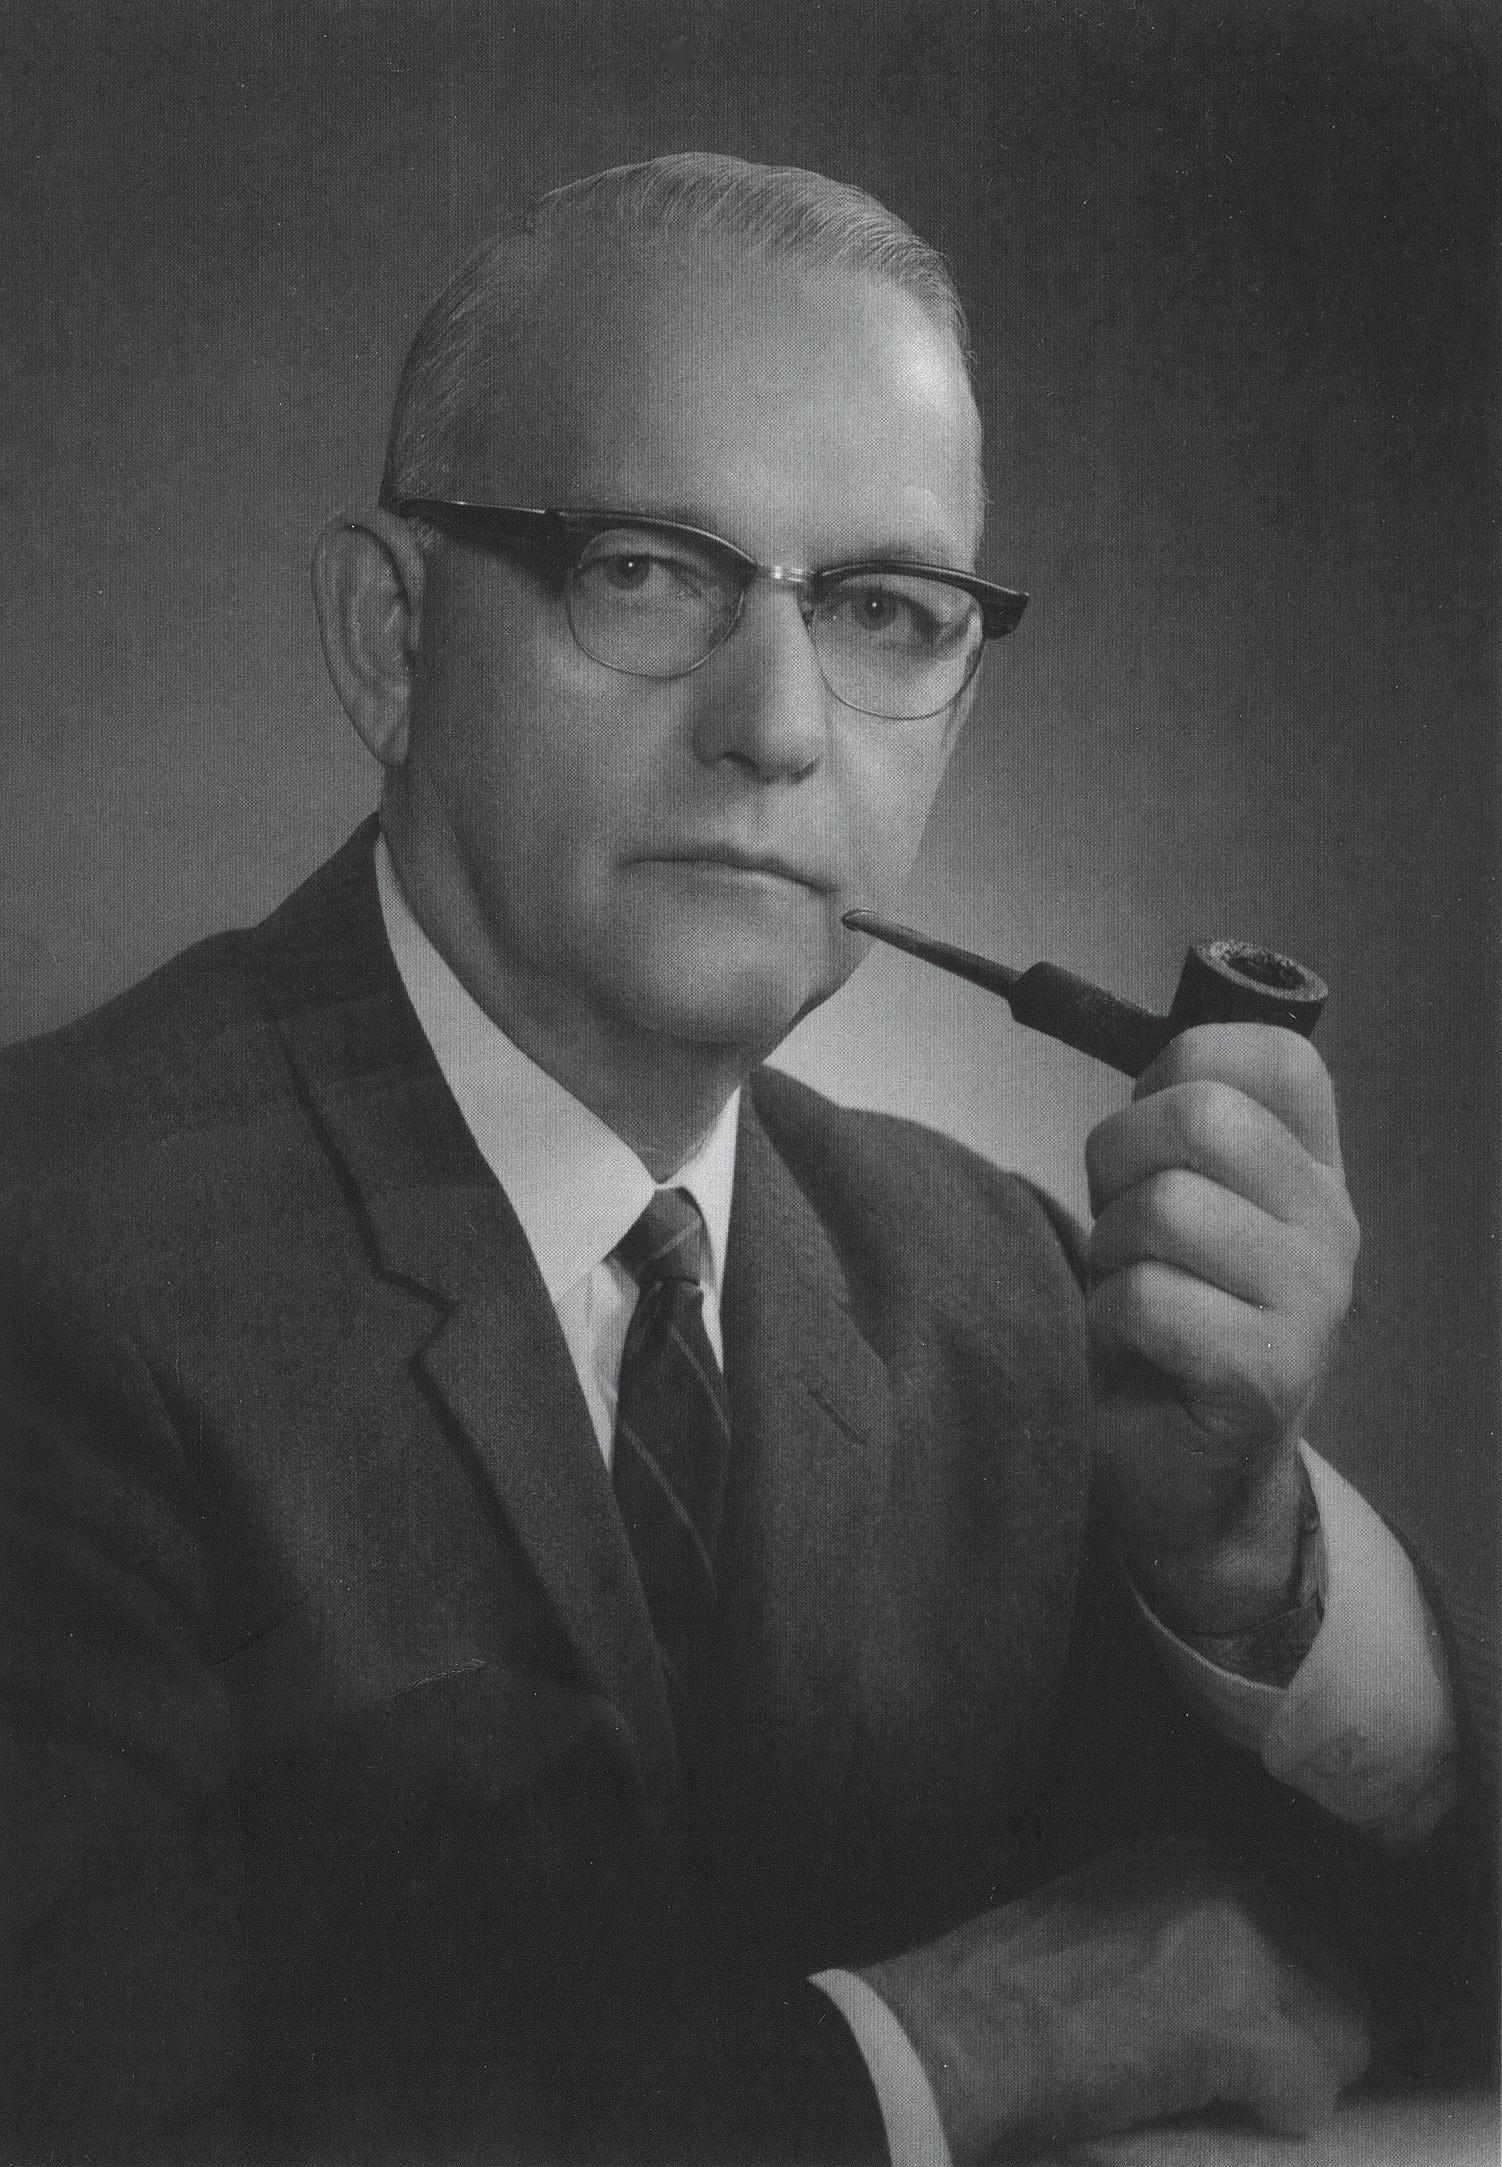 Douglas Lyal Parks